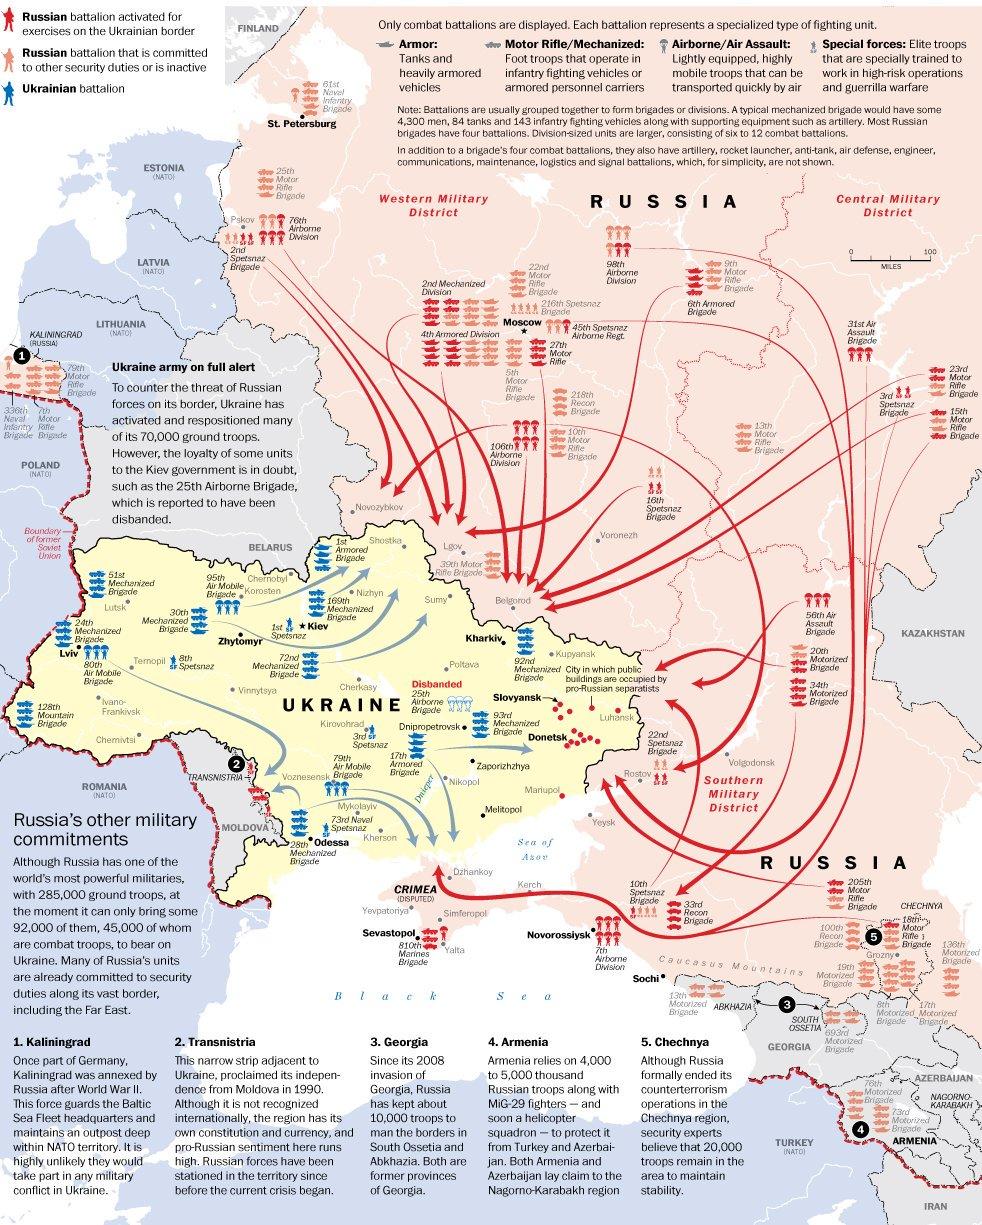 Карта вторжения РФ в Украину